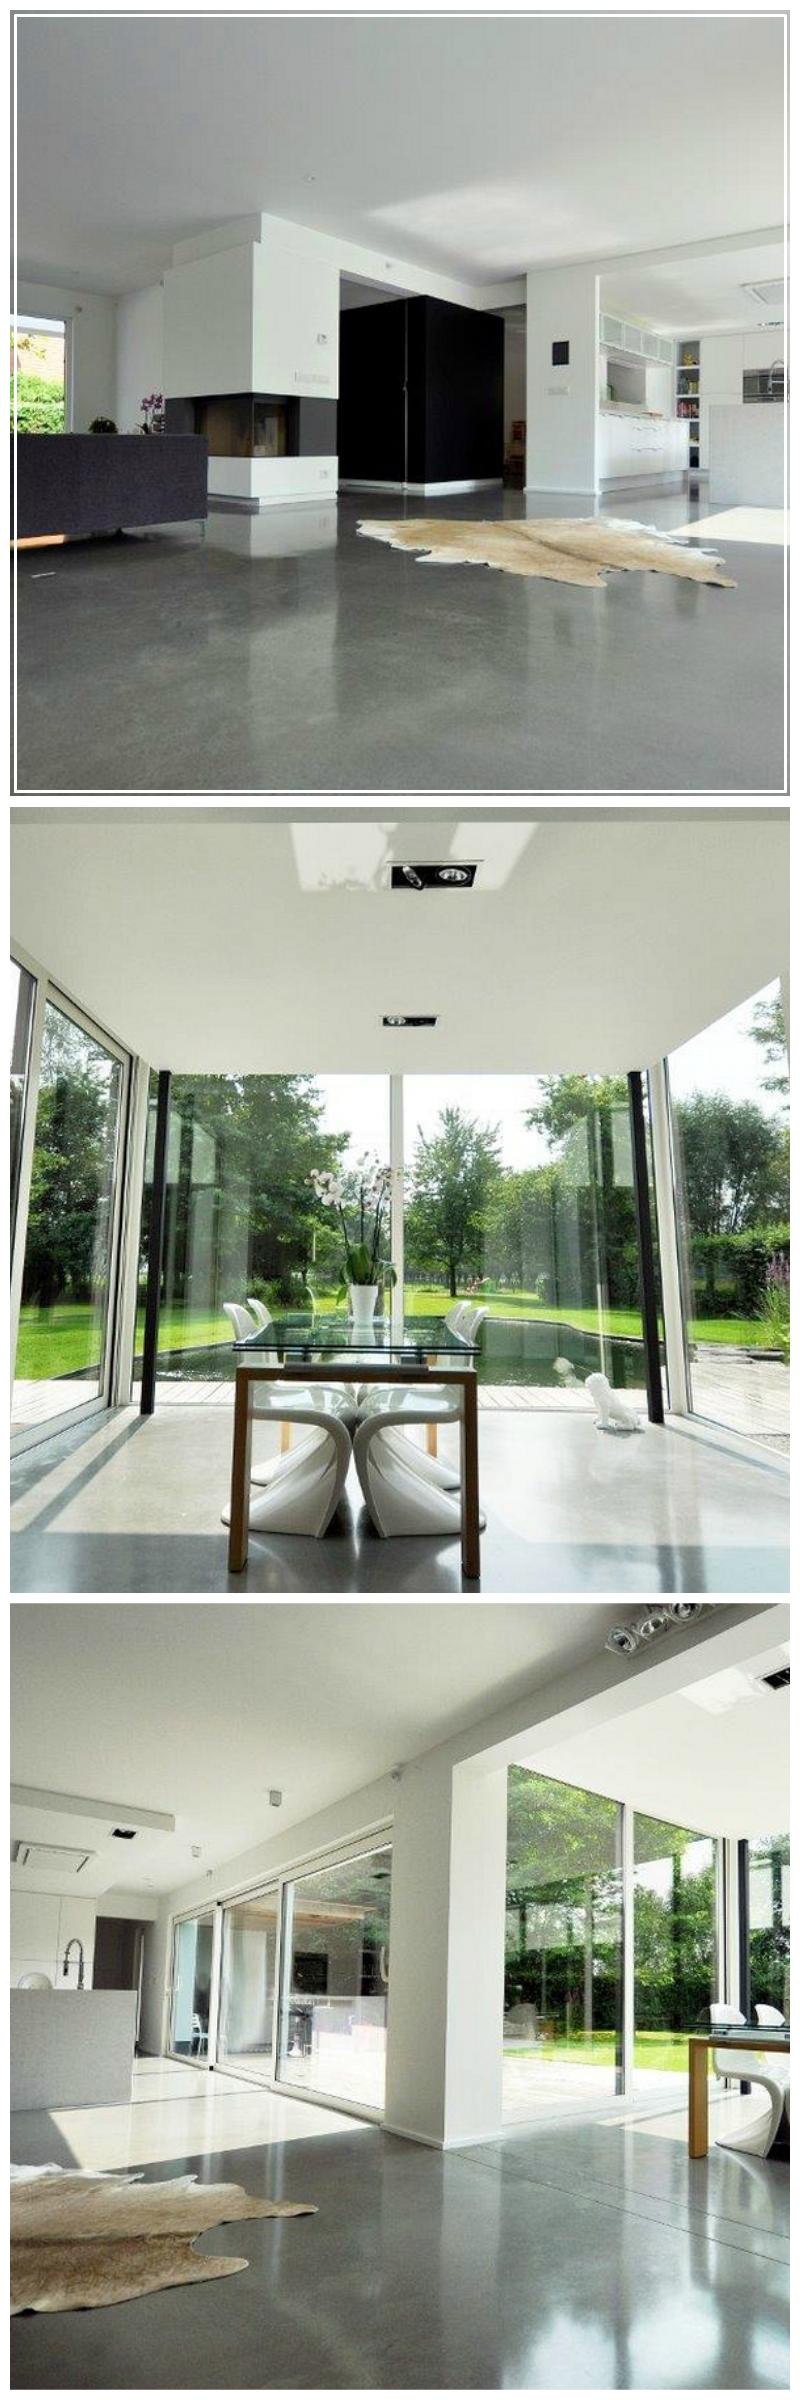 Woonkamer • eetkamer • interieur • renovatie • veranda • modern ...